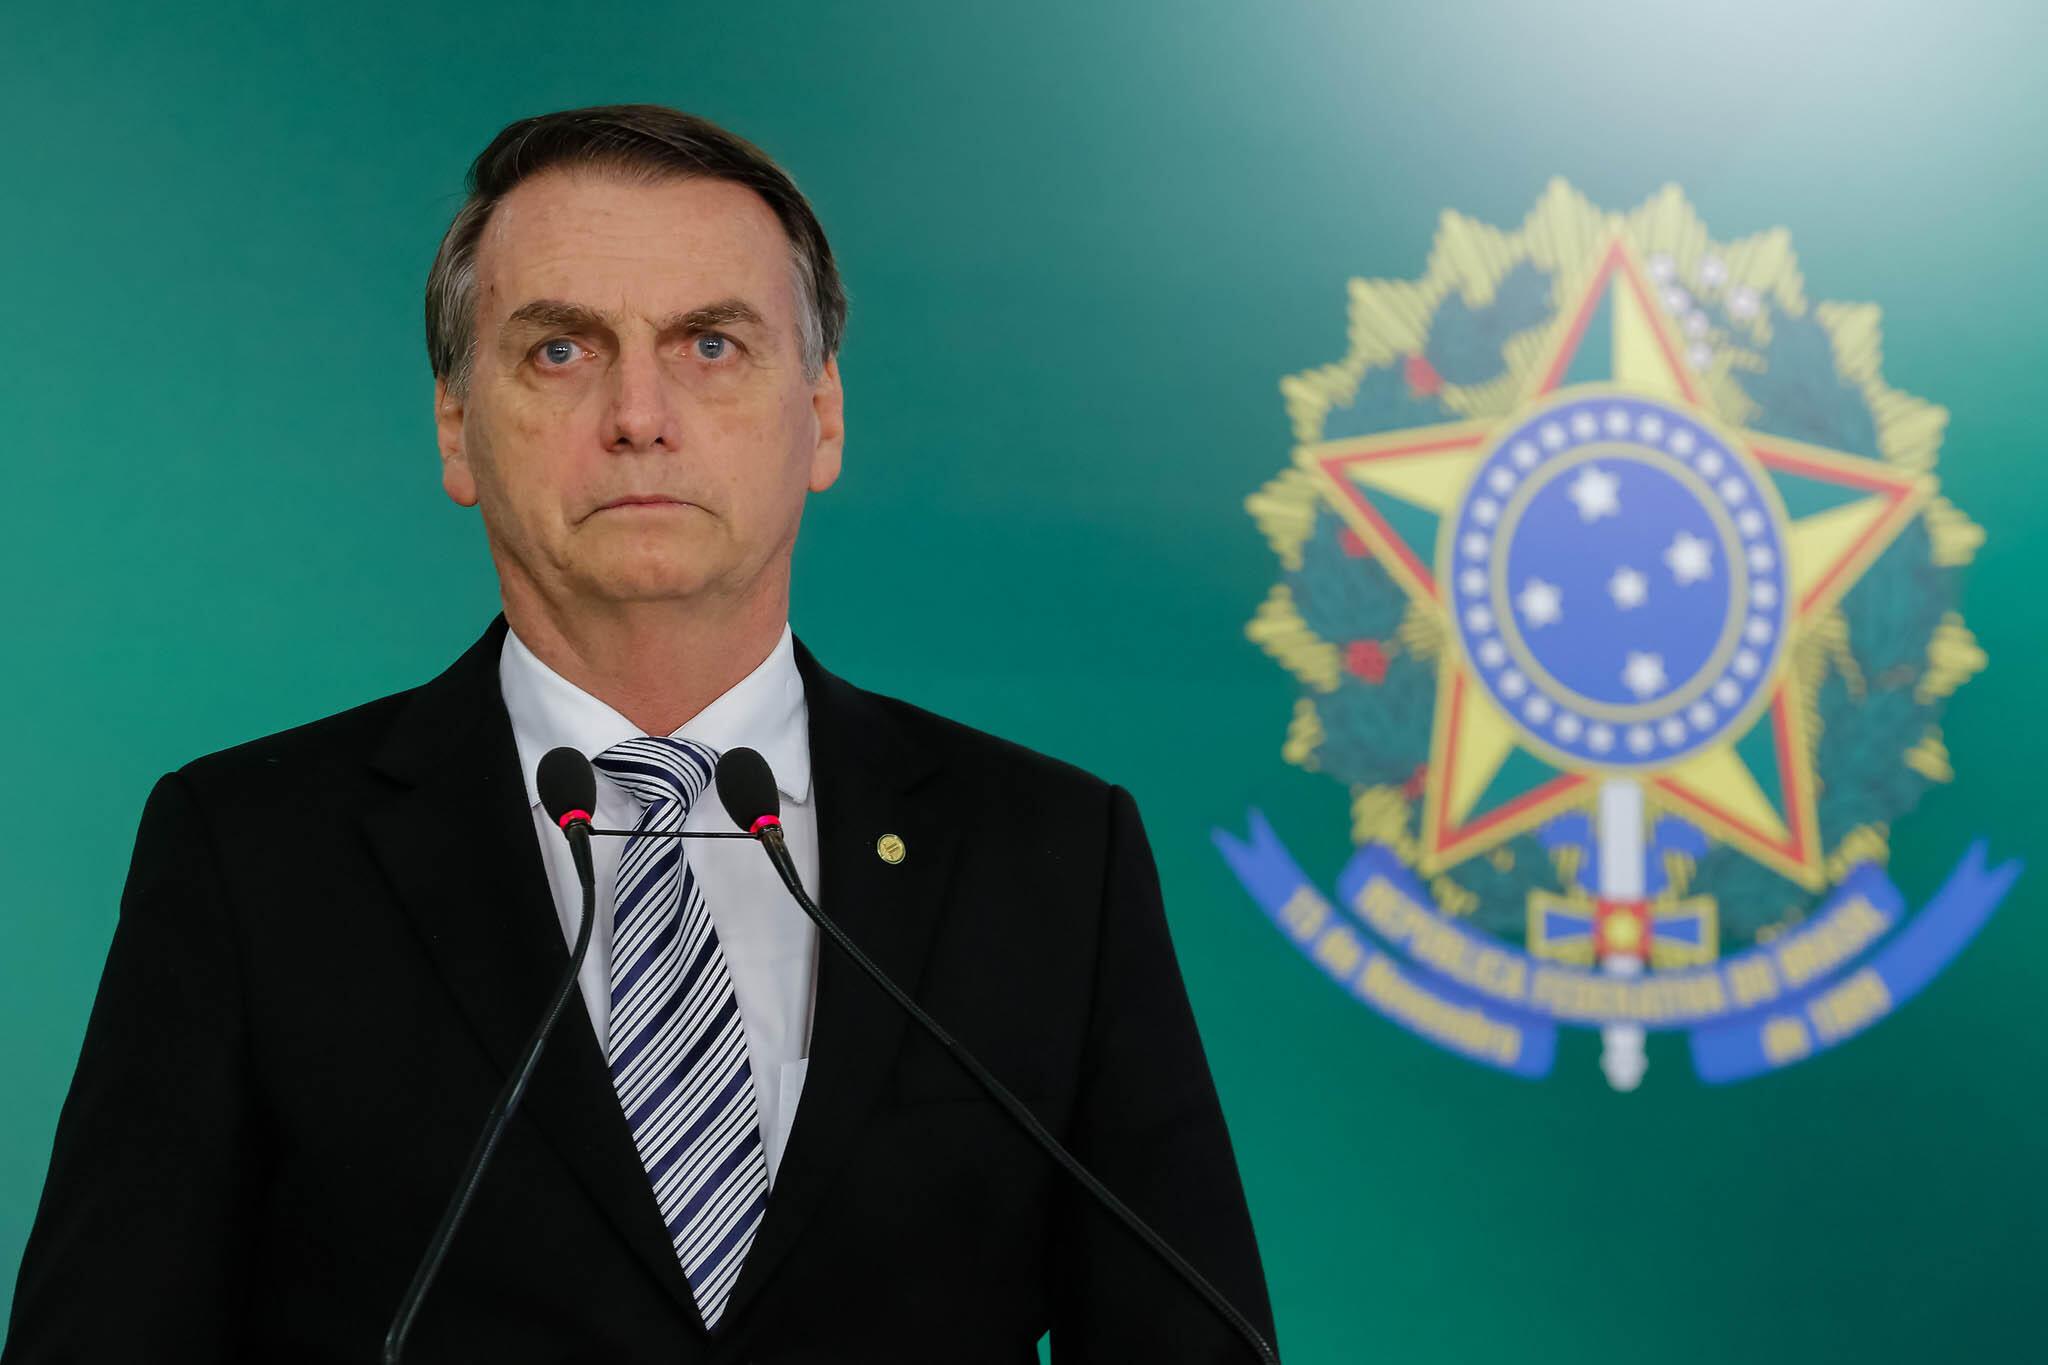 O presidente eleito Jair Bolsonaro ainda não definiu o futuro Ministro das Relações Exteriores.